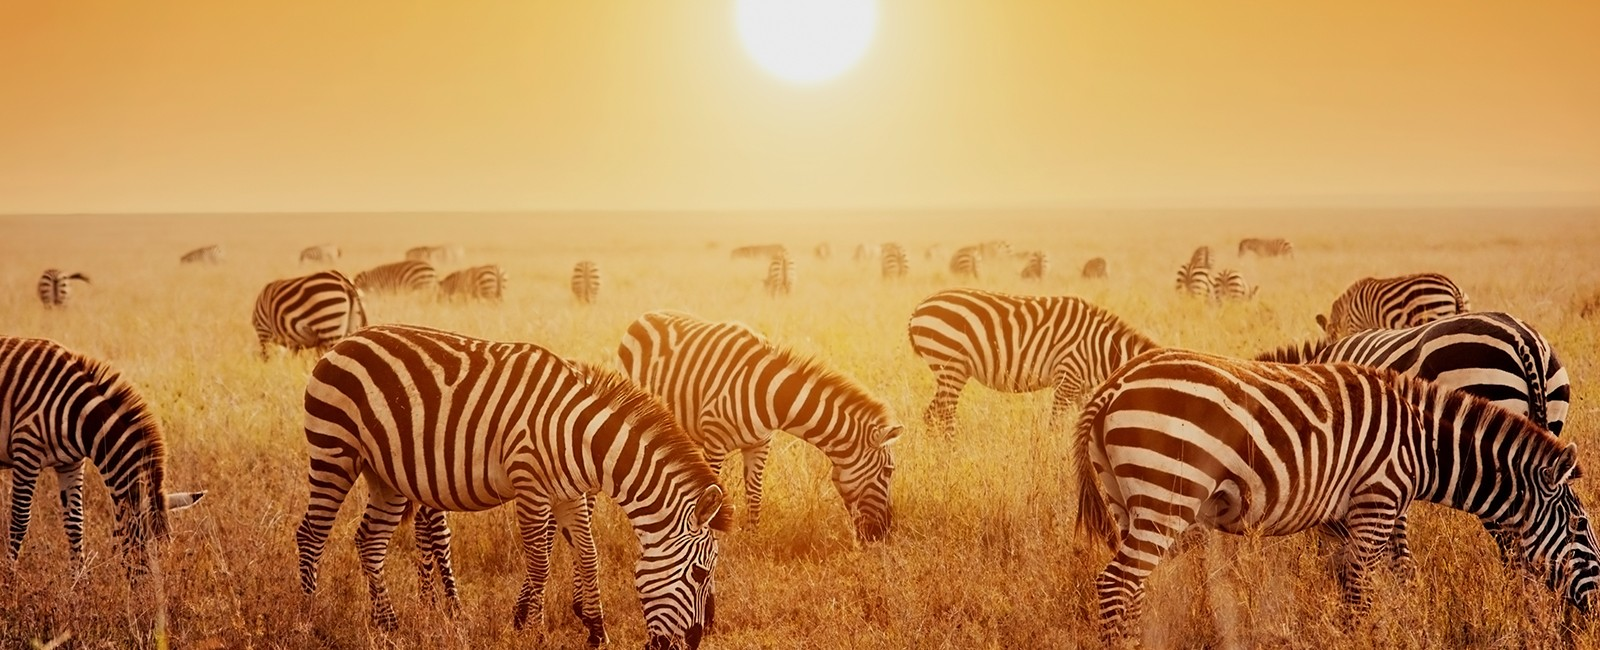 safari holidays - luxury safari - luxury holidays - header